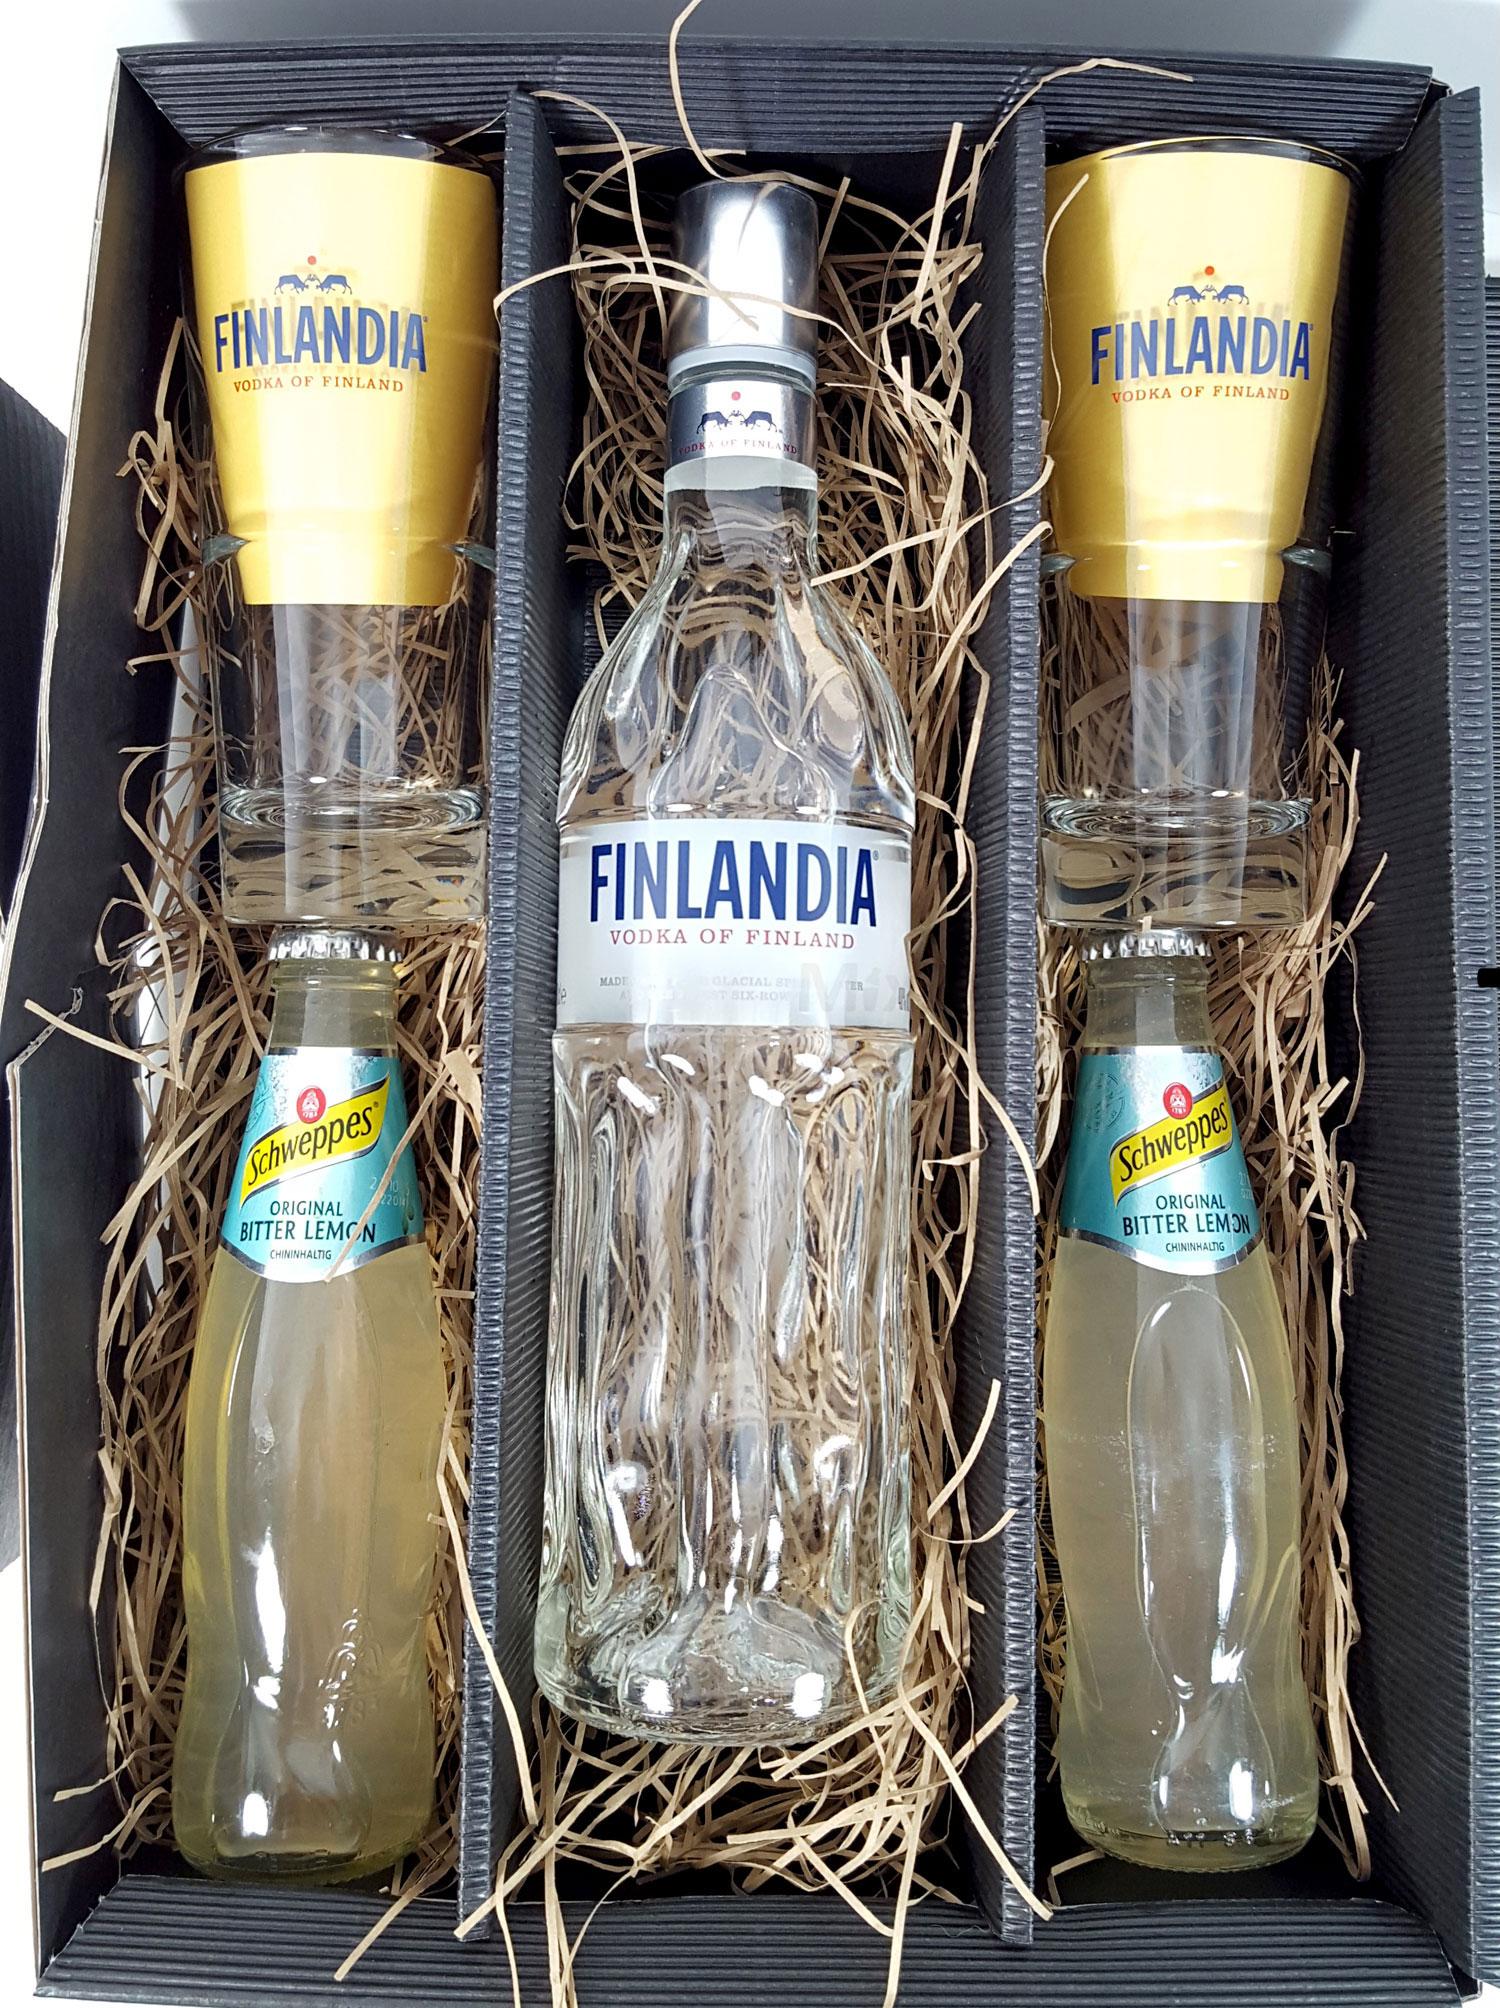 Finlandia Set / Geschenkset - Finlandia Vodka of Finland 1L (40% Vol) + 2x Gläser 2/4cl geeicht + 2x Schweppes Bitter Lemon 200ml - Inkl. Pfand MEHRWEG